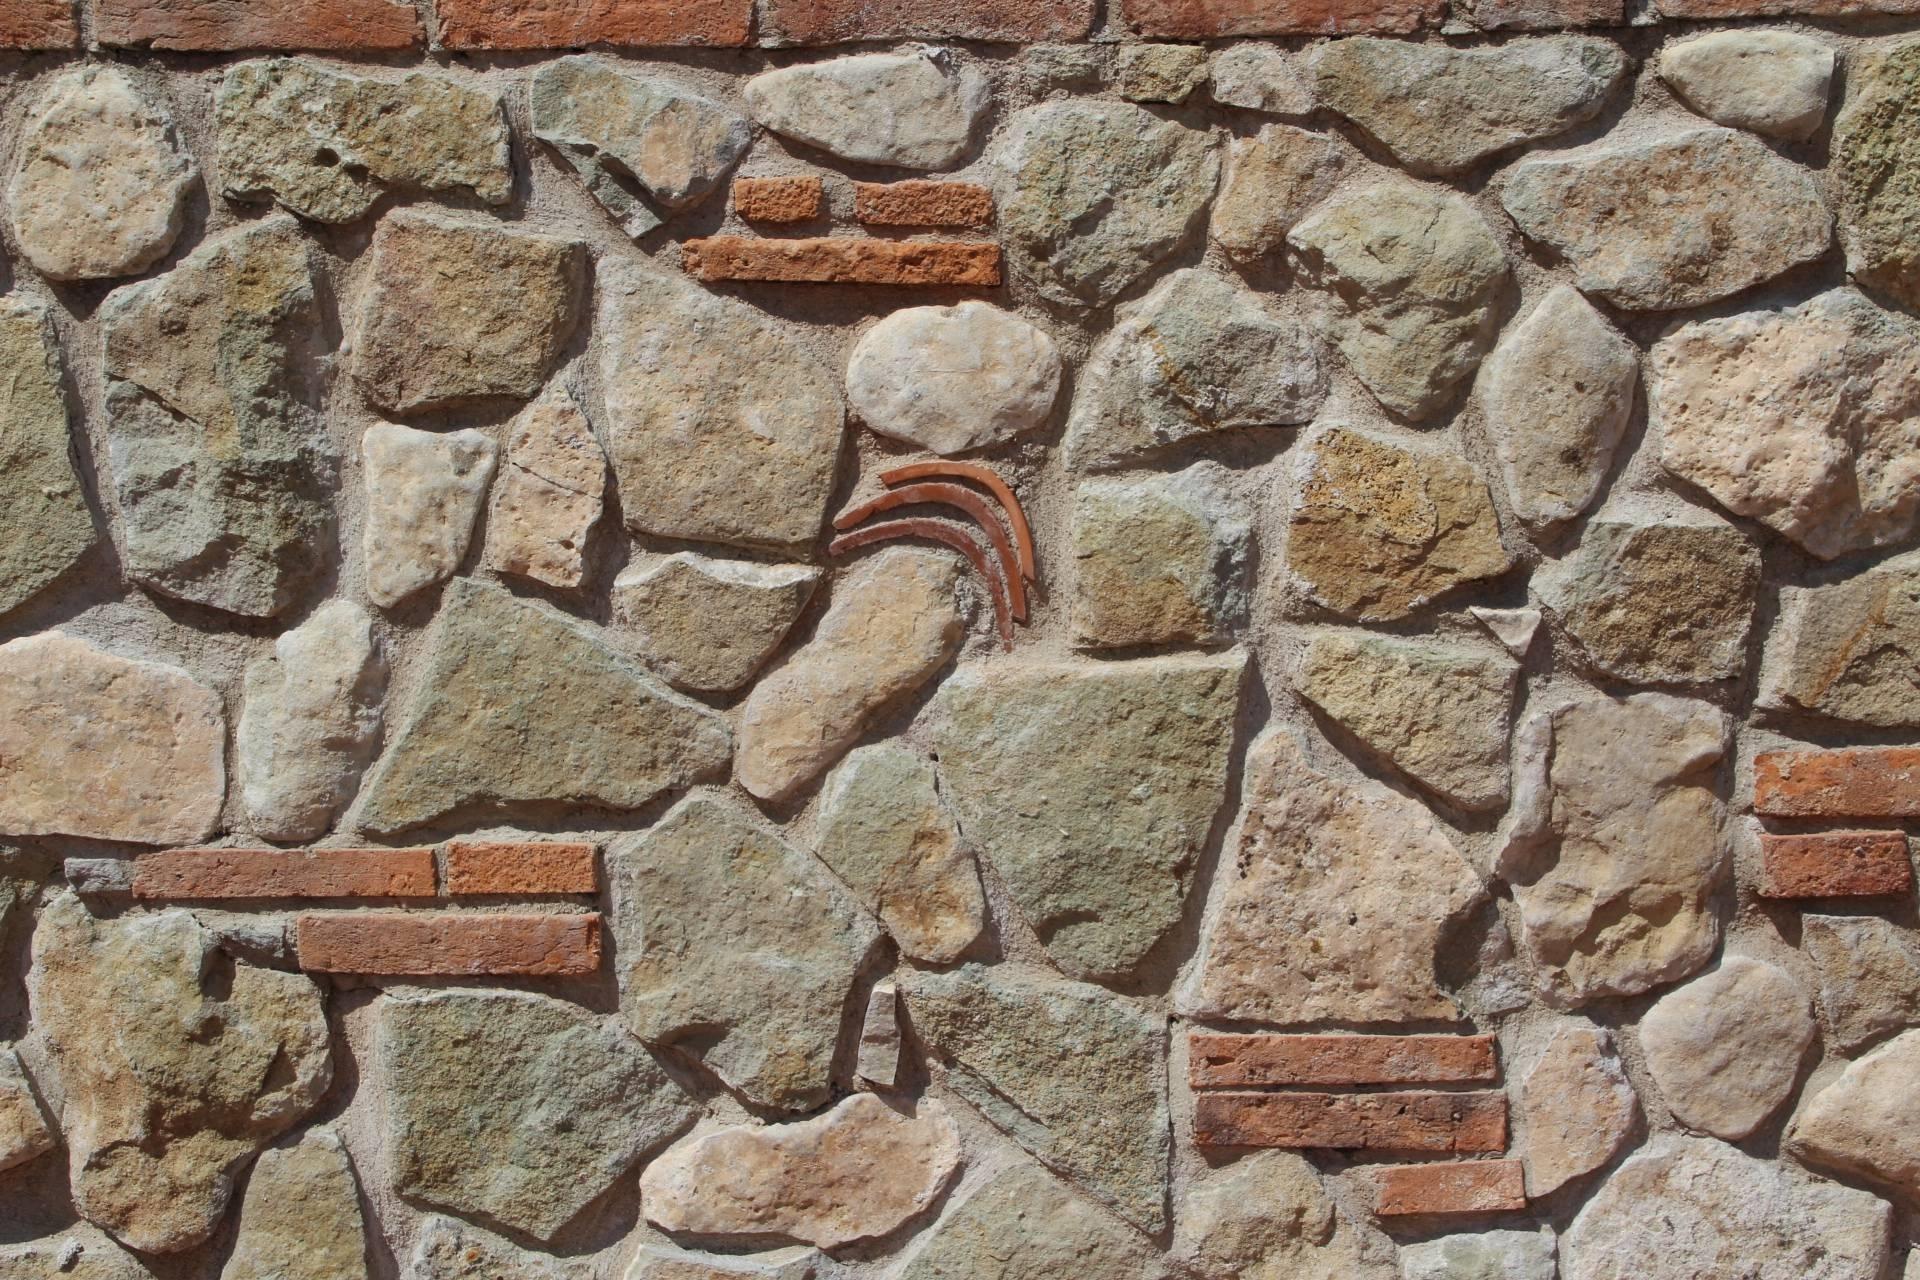 Piastrelle pavimento prezzi le piastrelle prezzi migliori per le piastrelle da pavimento - Piastrelle muro pietra ...